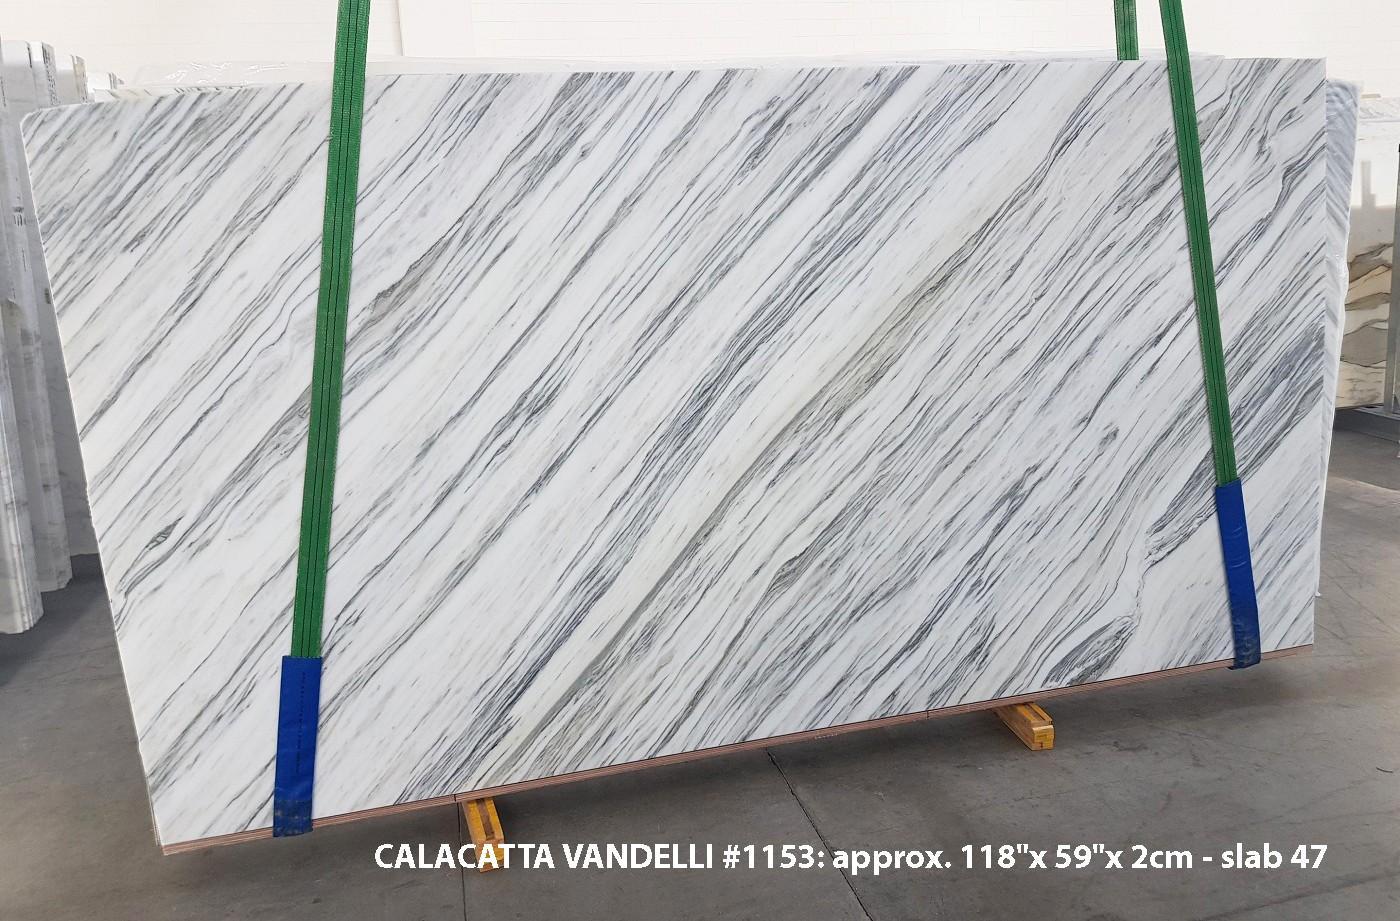 Calacatta Vandelli Fornitura Veneto (Italia) di lastre grezze lucide in marmo naturale 1153 , Slab #47